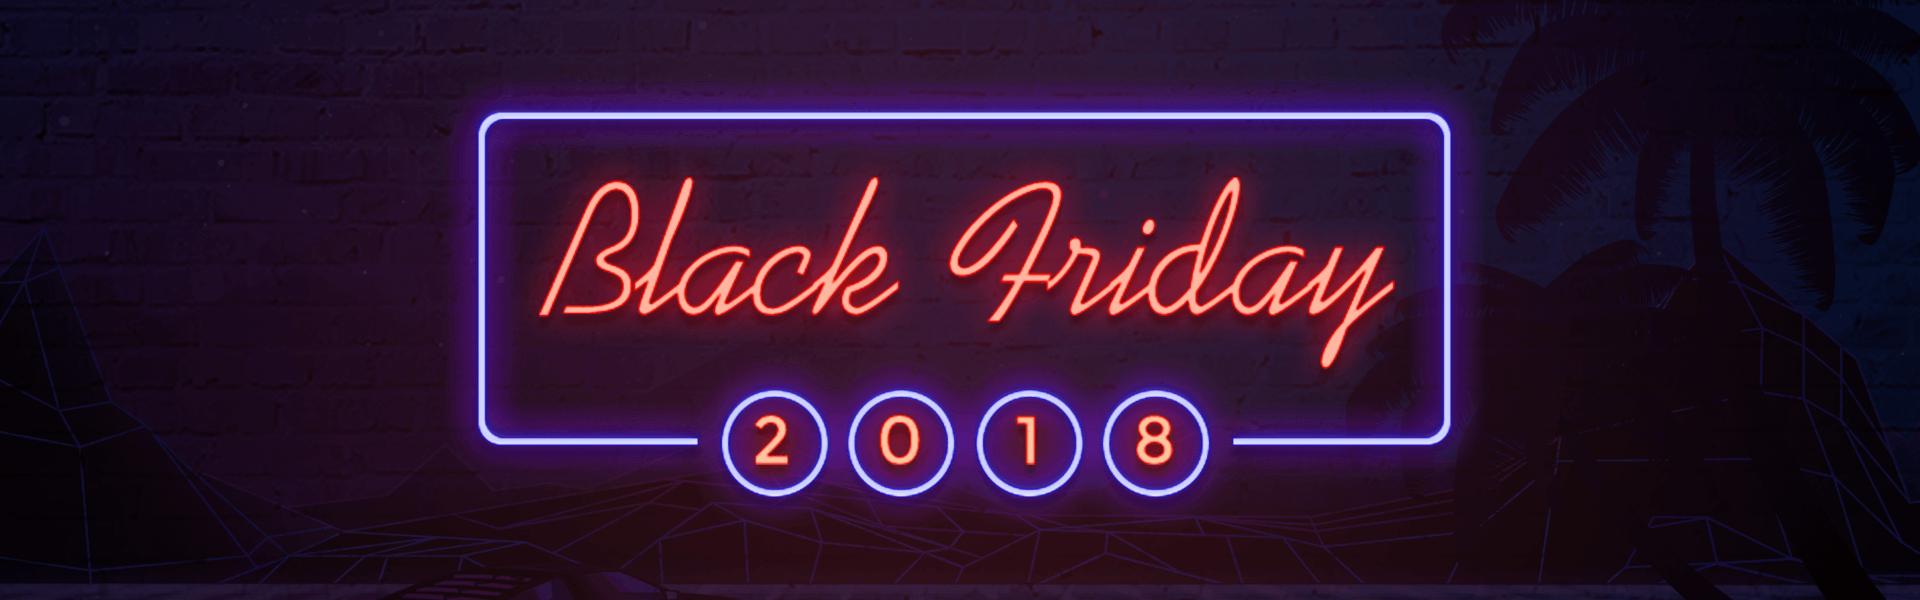 Скидки!!! Черная пятница 2018 началась! • 1 • Финты WordPress